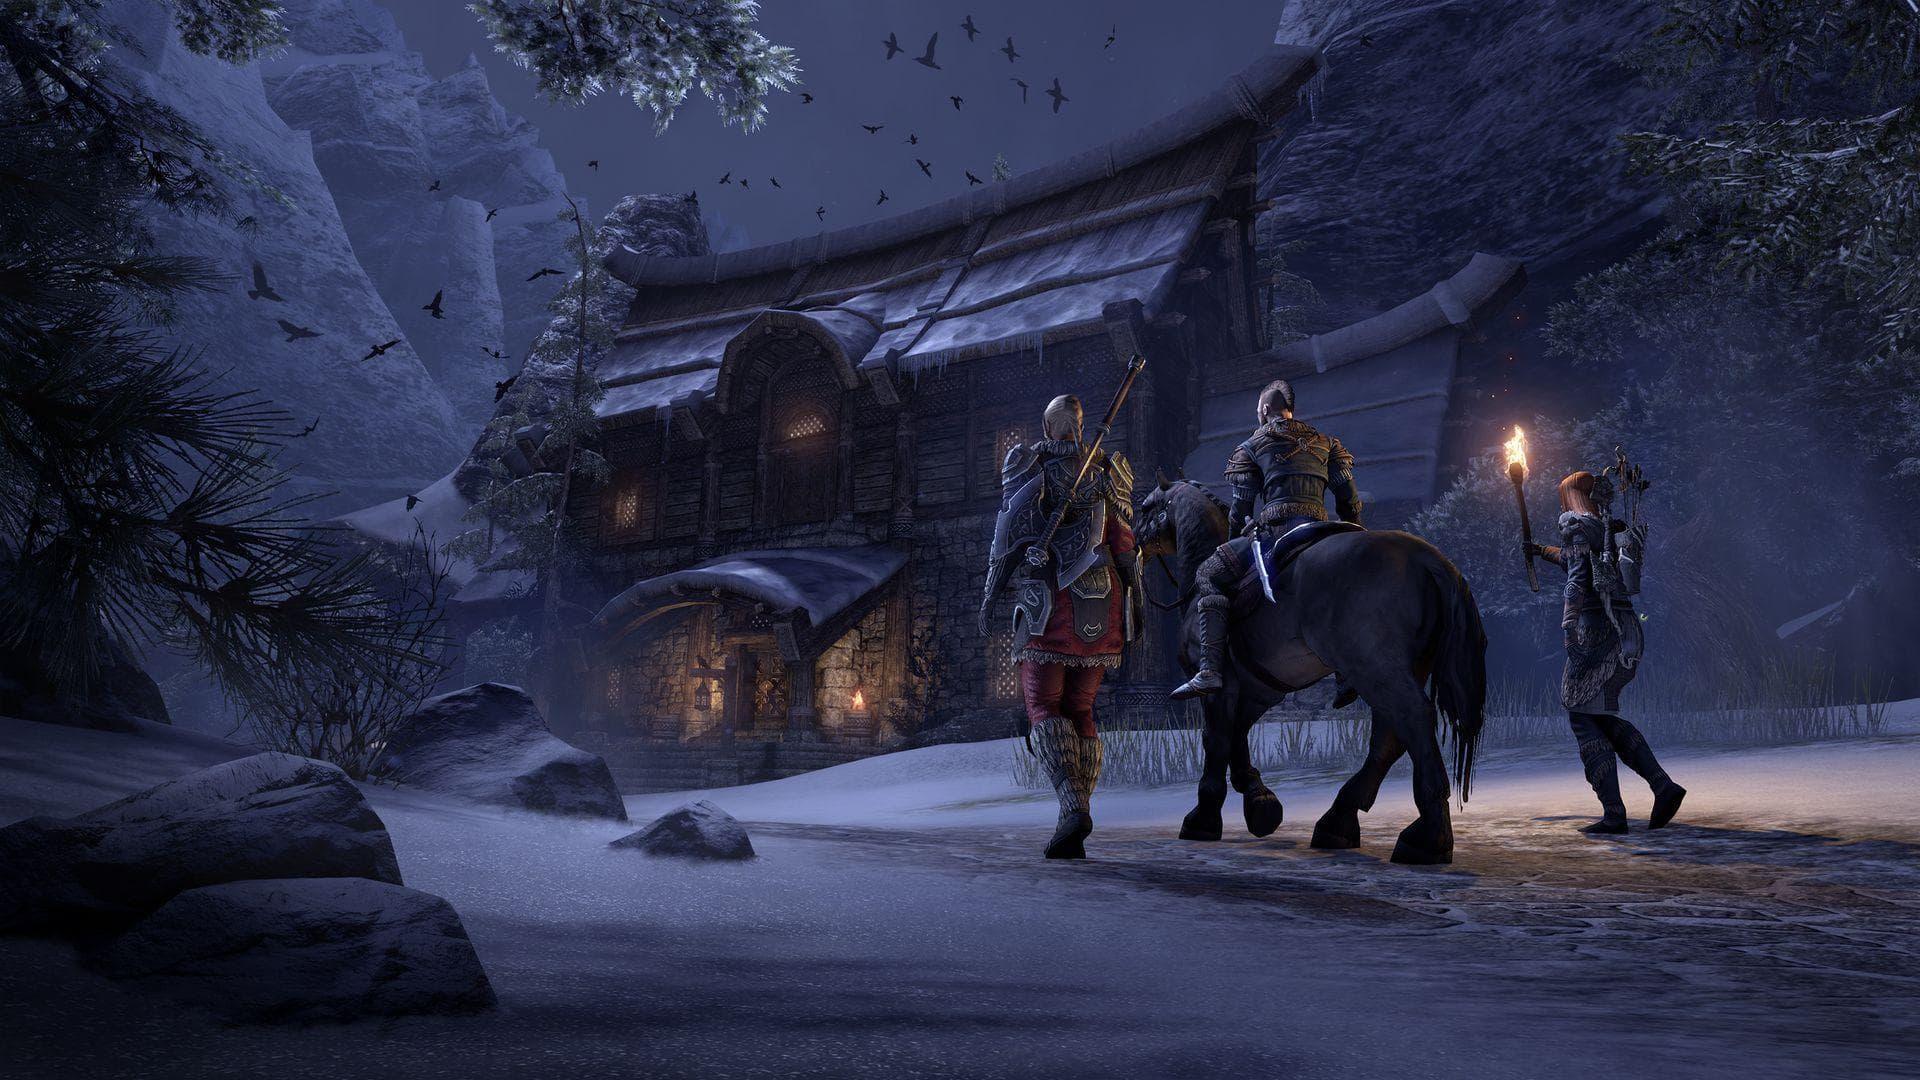 В честь QuakeCon 2020 играть в The Elder Scrolls Online можно бесплатно